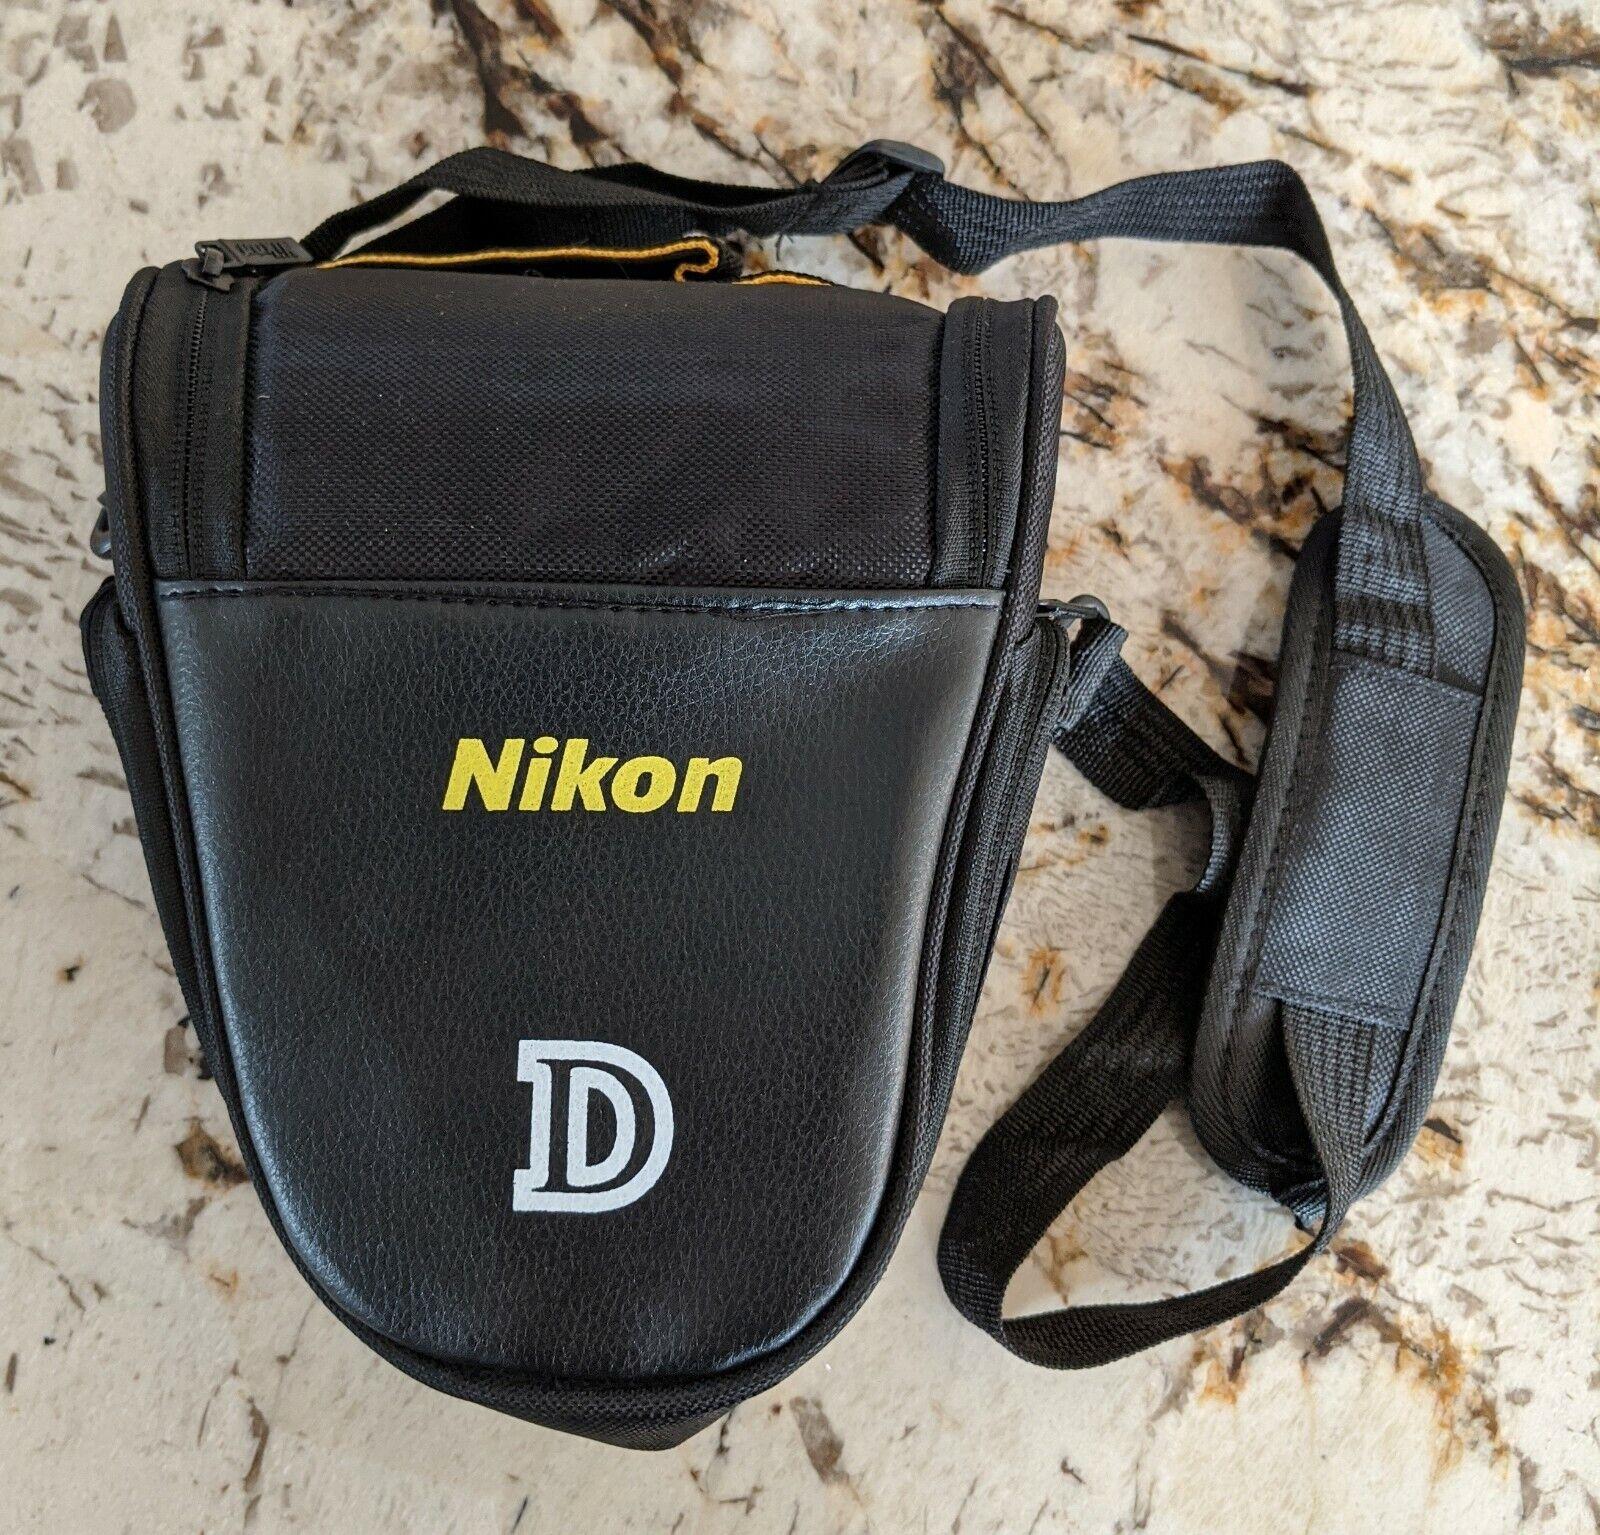 Brand New Nikon D DSLR Models Shoulder Strap Camera Bag Blac